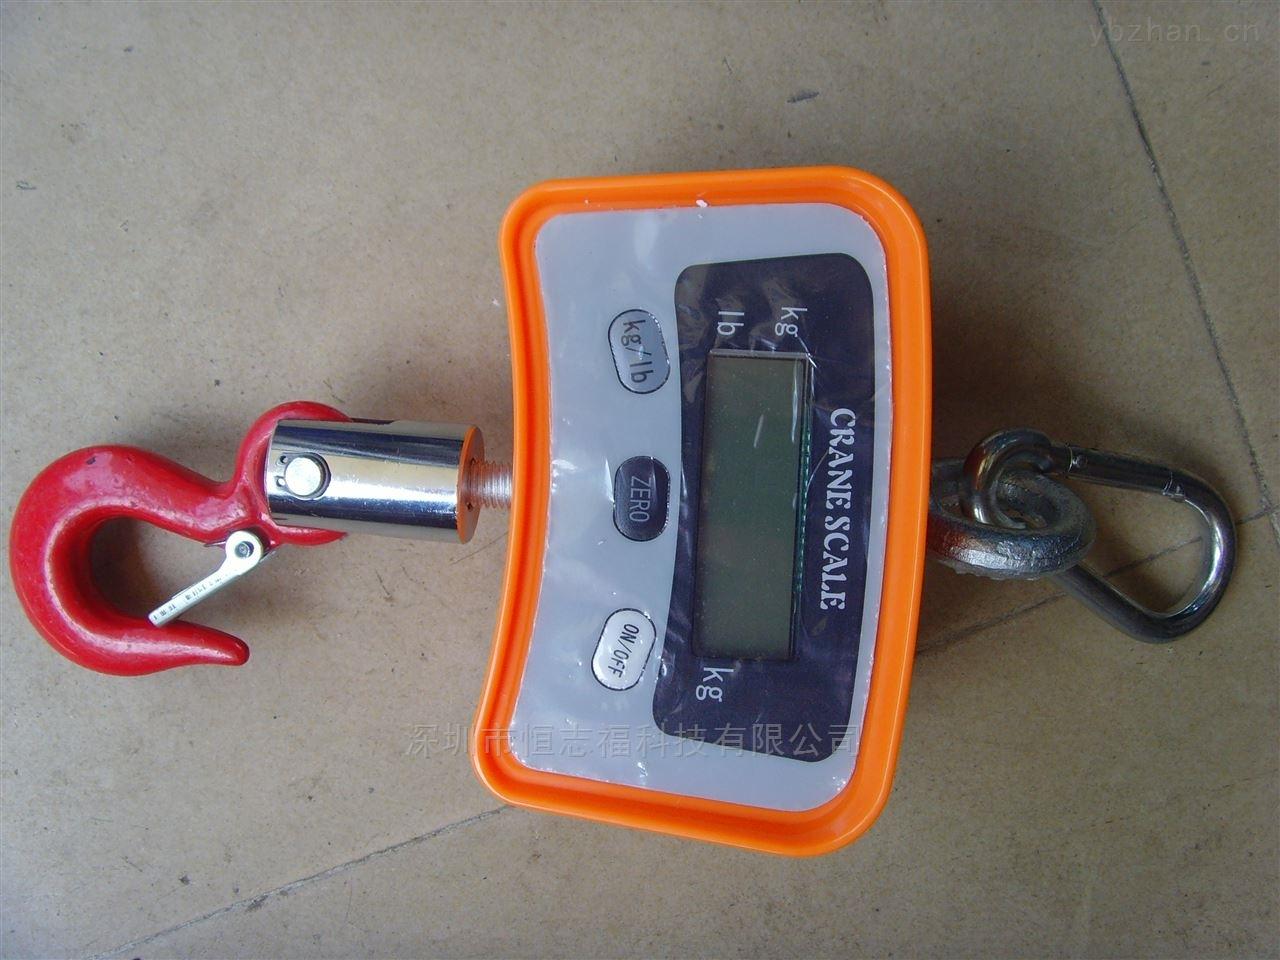 防磁吊秤-10噸佛山電子吊秤,行車電子秤